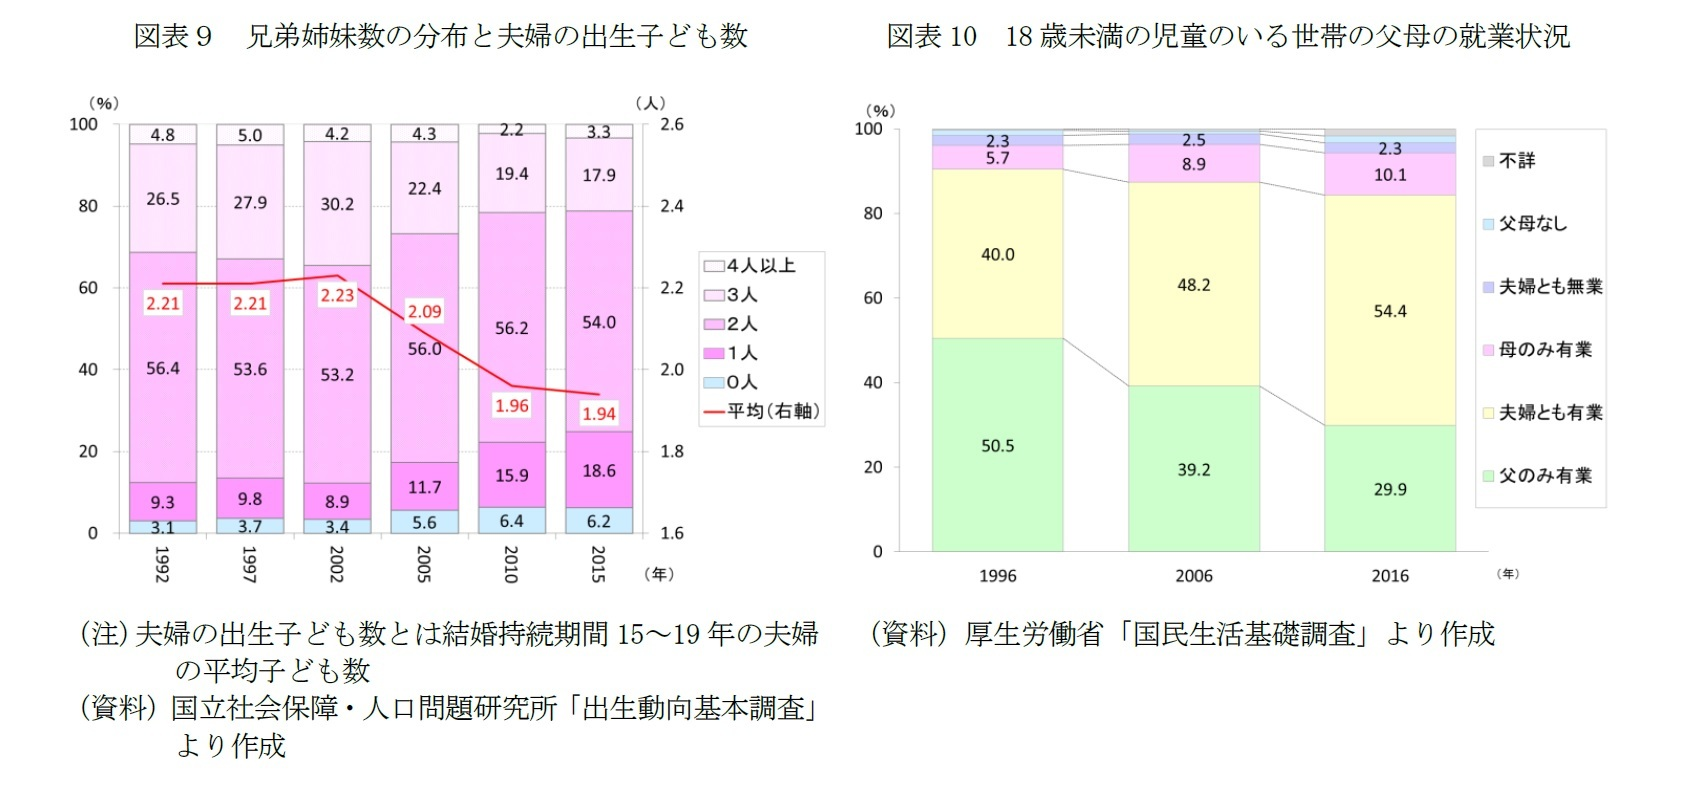 図表9 兄弟姉妹数の分布と夫婦の出生子ども数/図表10 18歳未満の児童のいる世帯の父母の就業状況